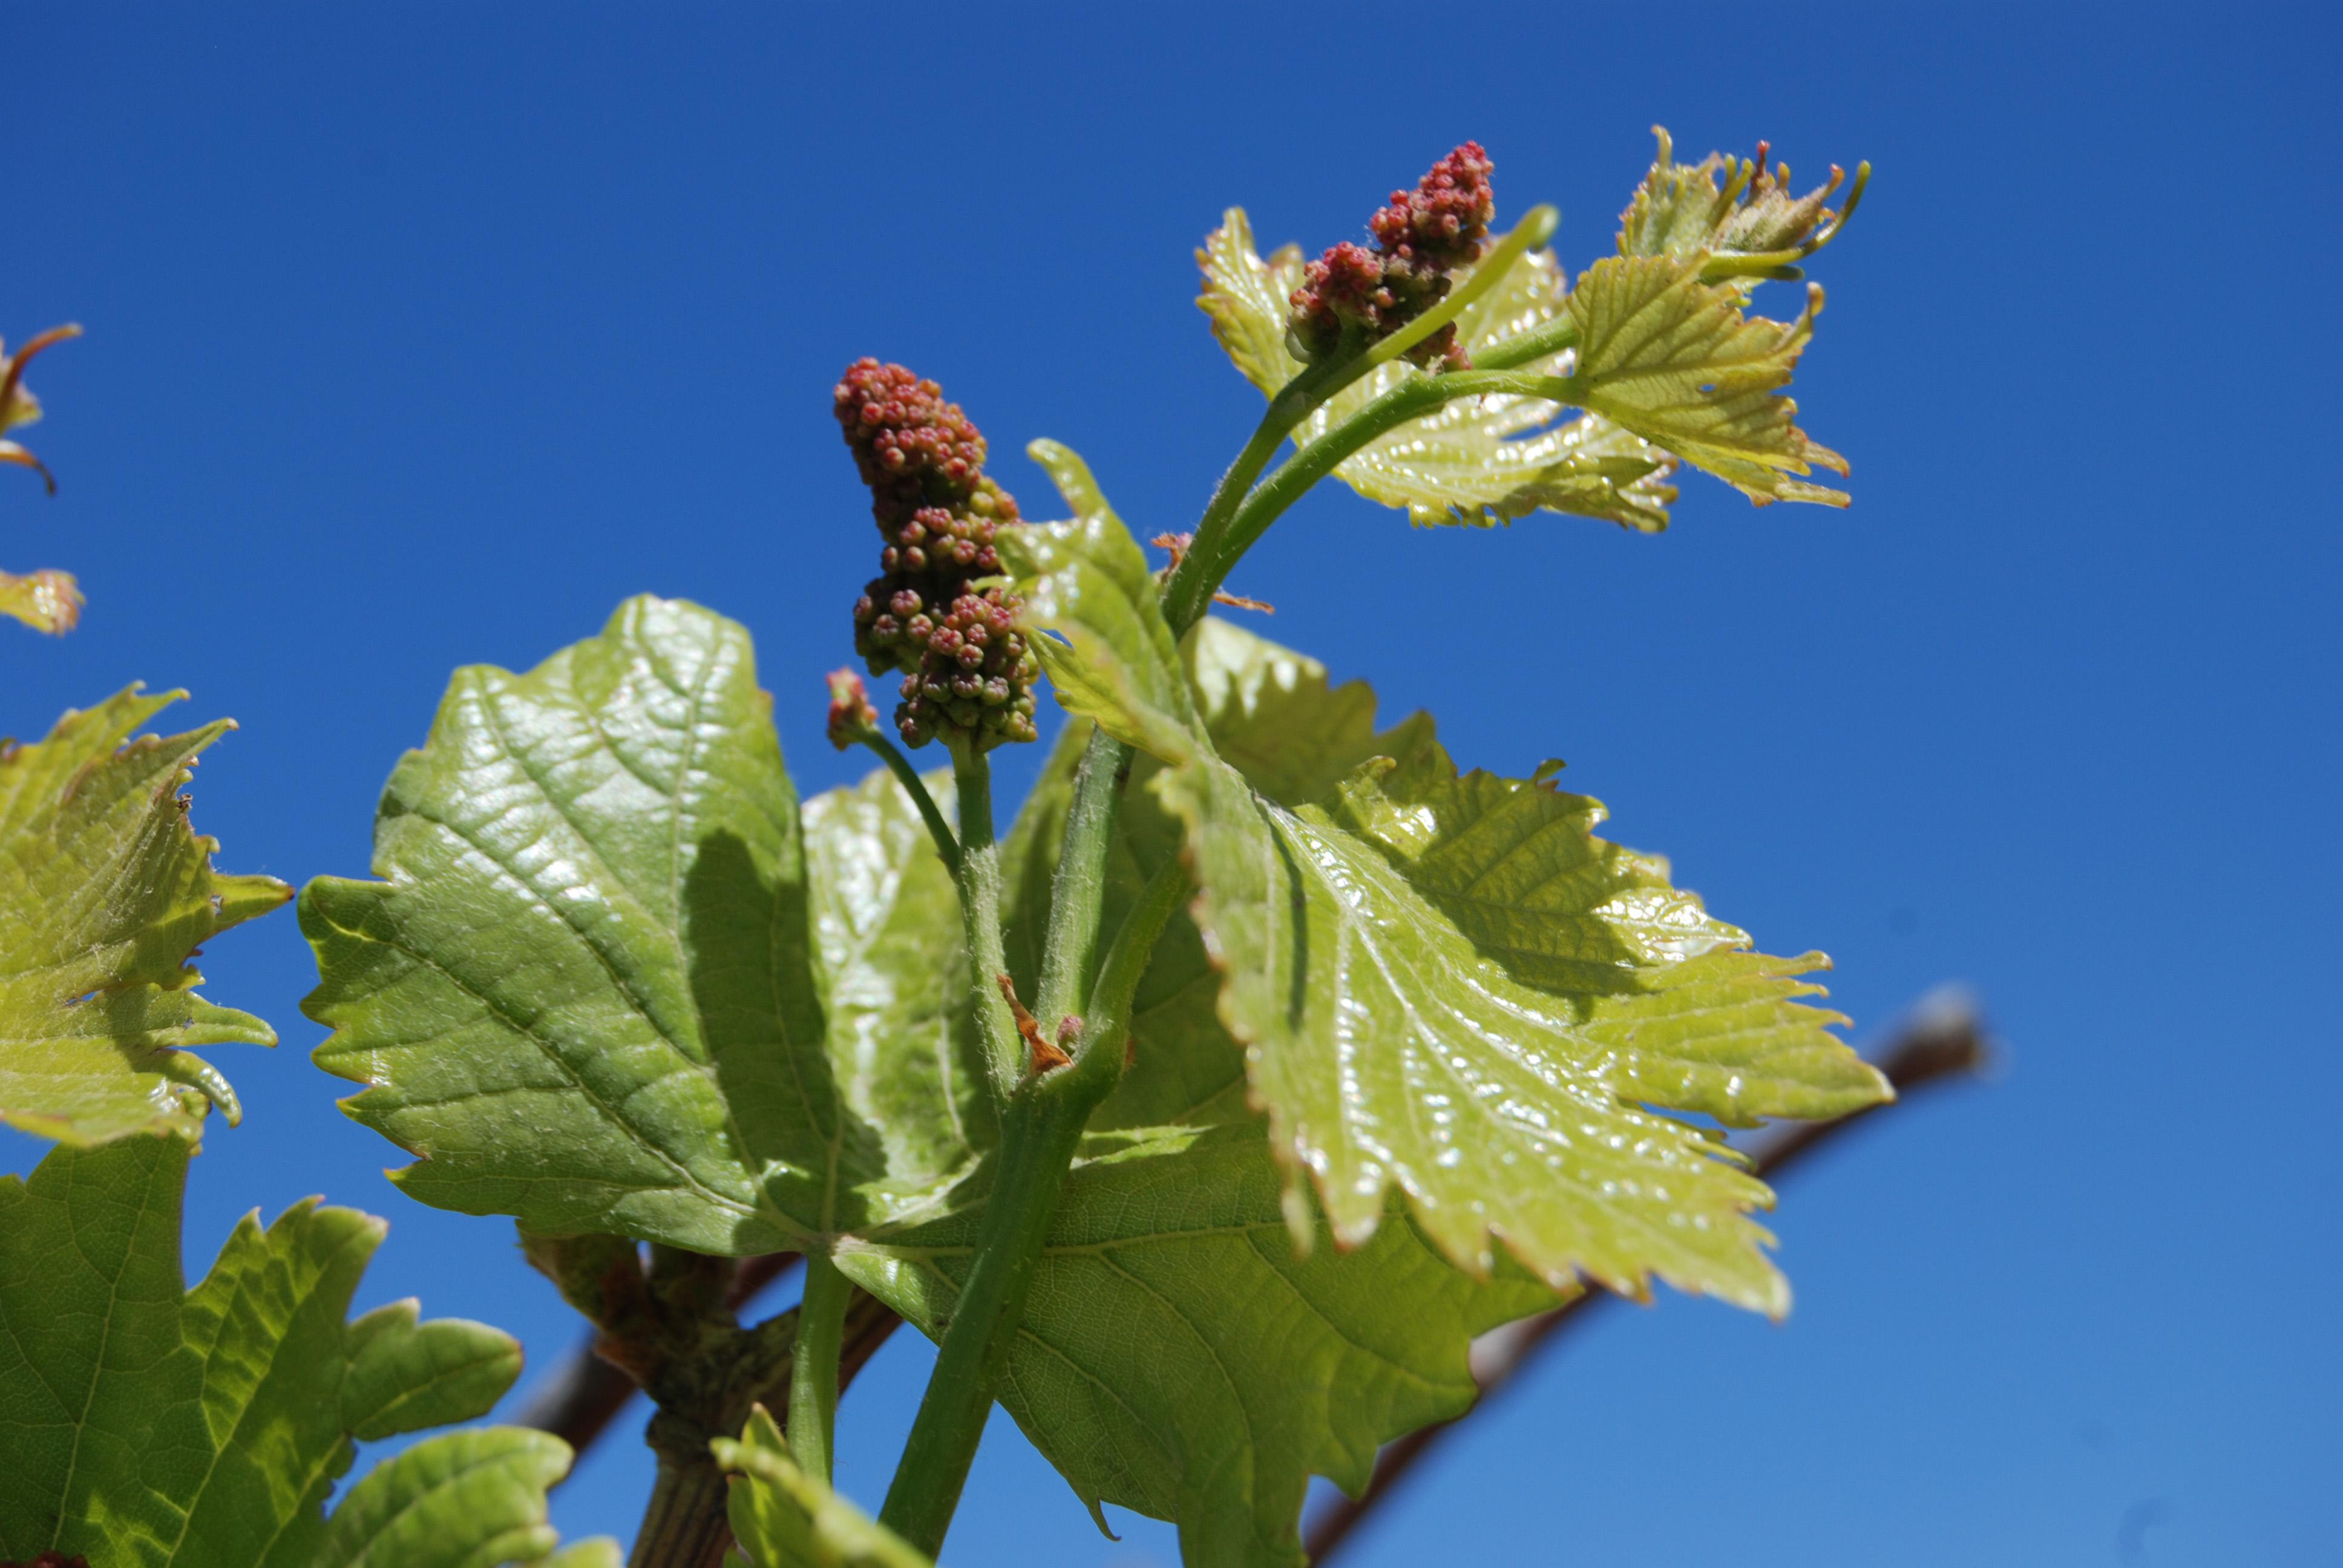 A través de la Agencia de  Servicios  a la Comercialización y Desarrollo de Mercados Agropecuarios (ASERCA), la SAGARPA firmó un convenio de concertación con el Consejo Mexicano del Vino que busca mejorar el nivel y calidad de los productores vitivinícola